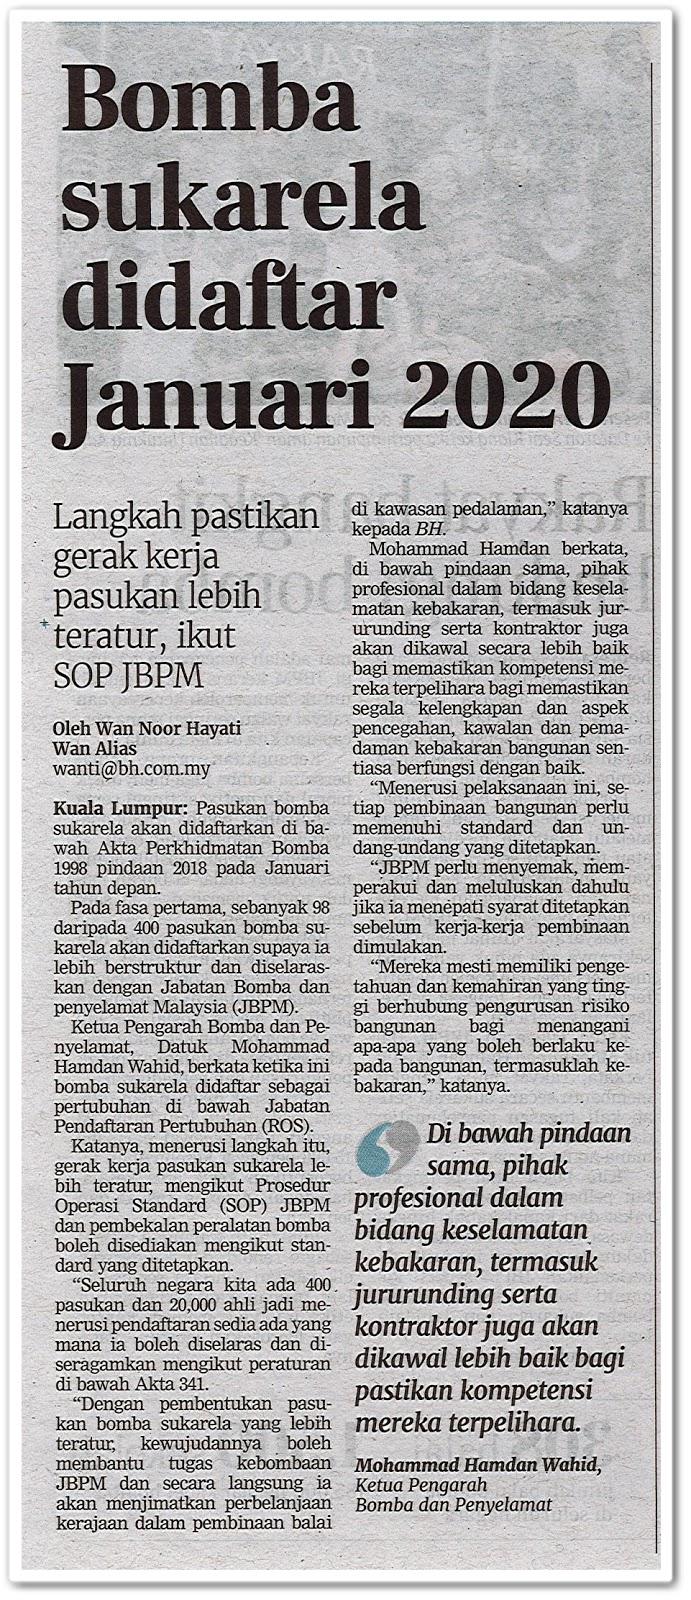 Bomba sukarela didaftar Januari 2020 - Keratan akhbar Berita Harian 20 Julai 2019